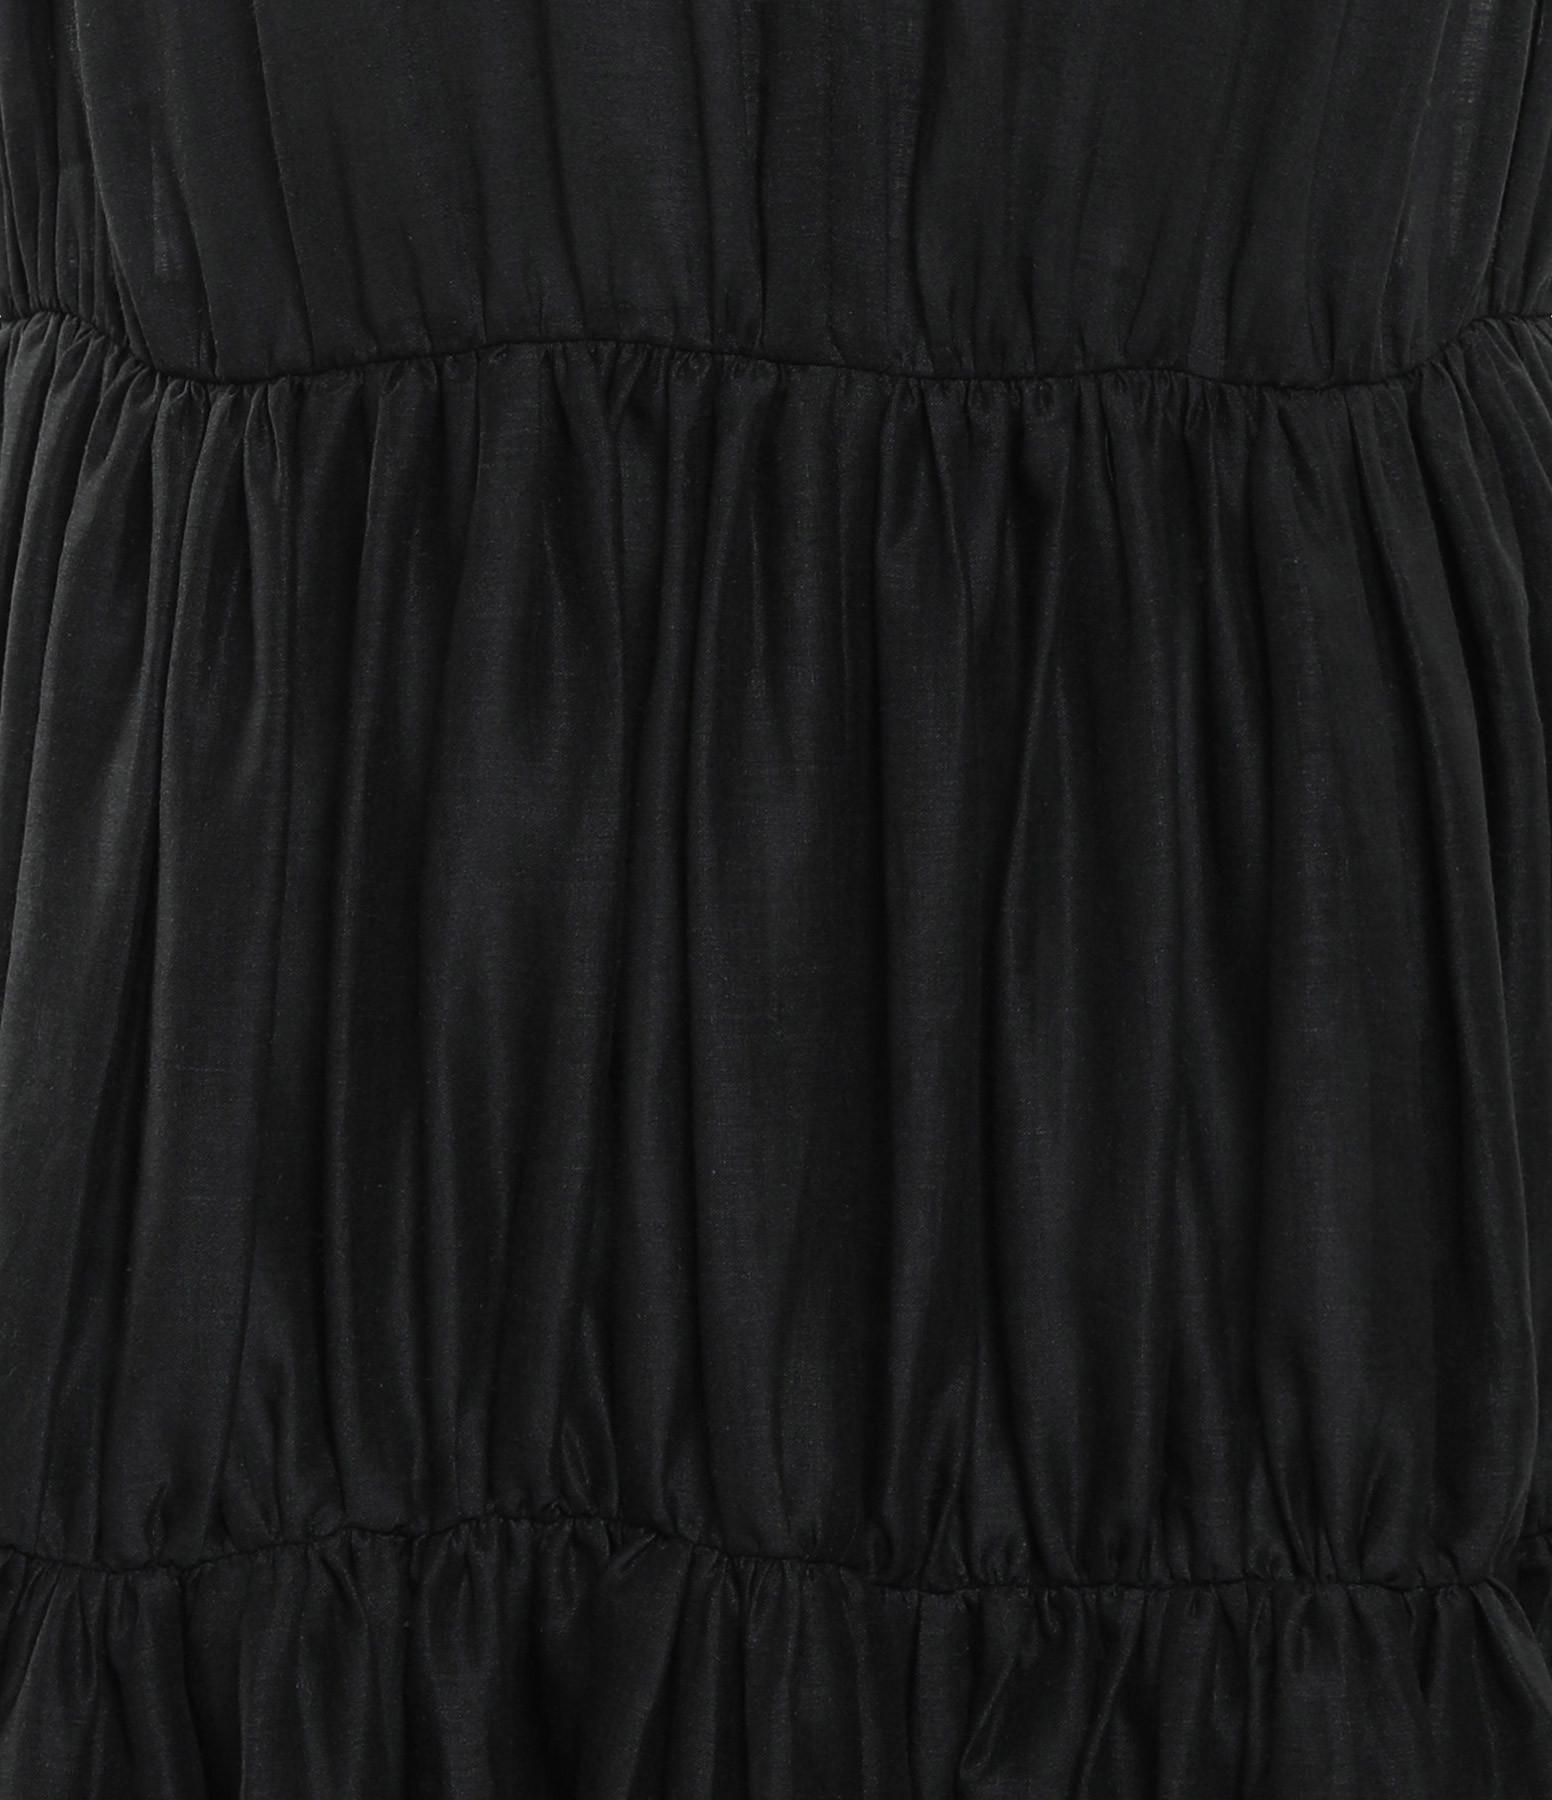 JOSEPH - Robe Lema Voile Plissé Noir